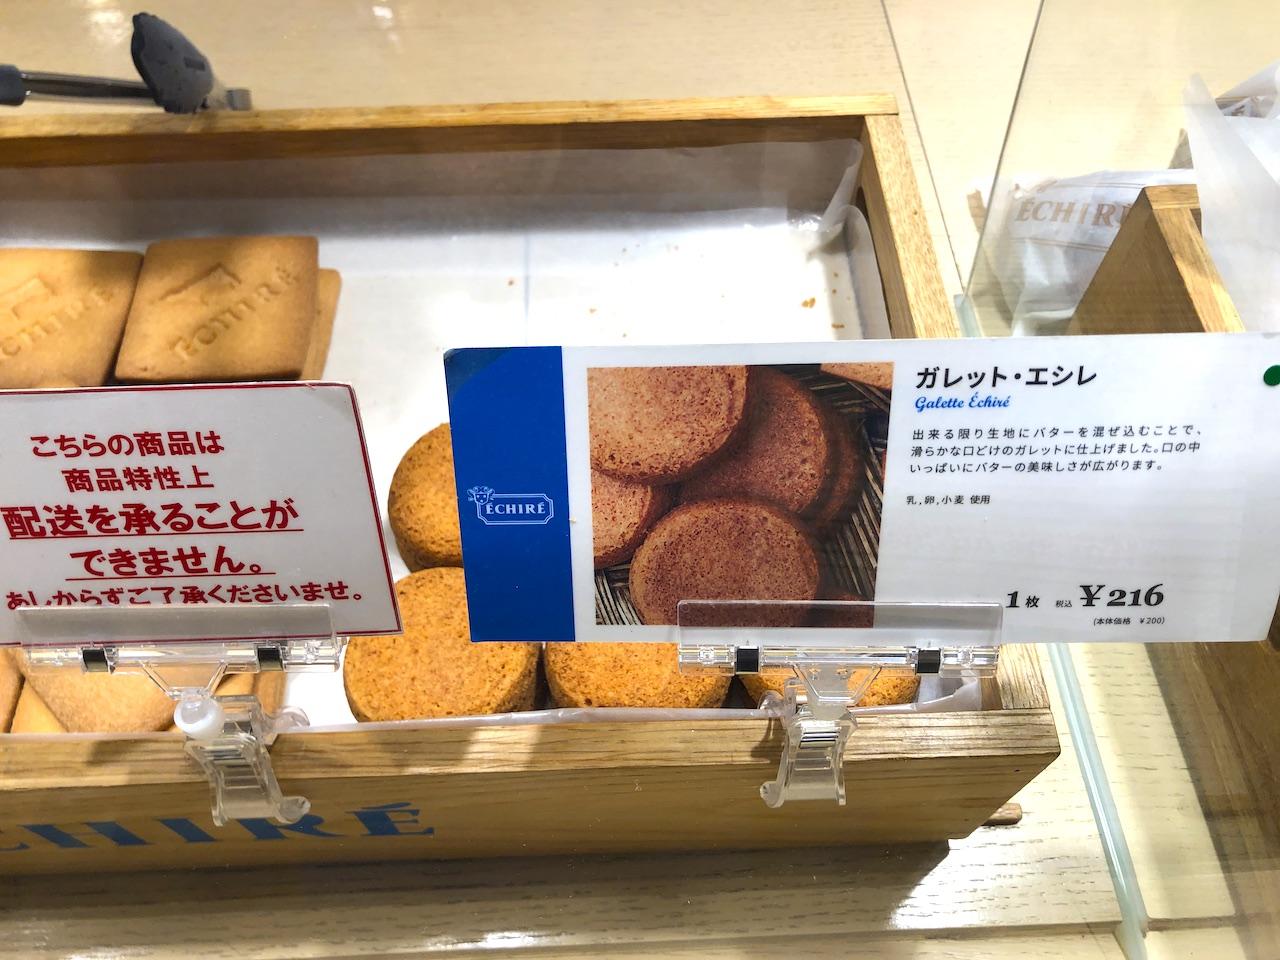 エシレ大阪 ガレット